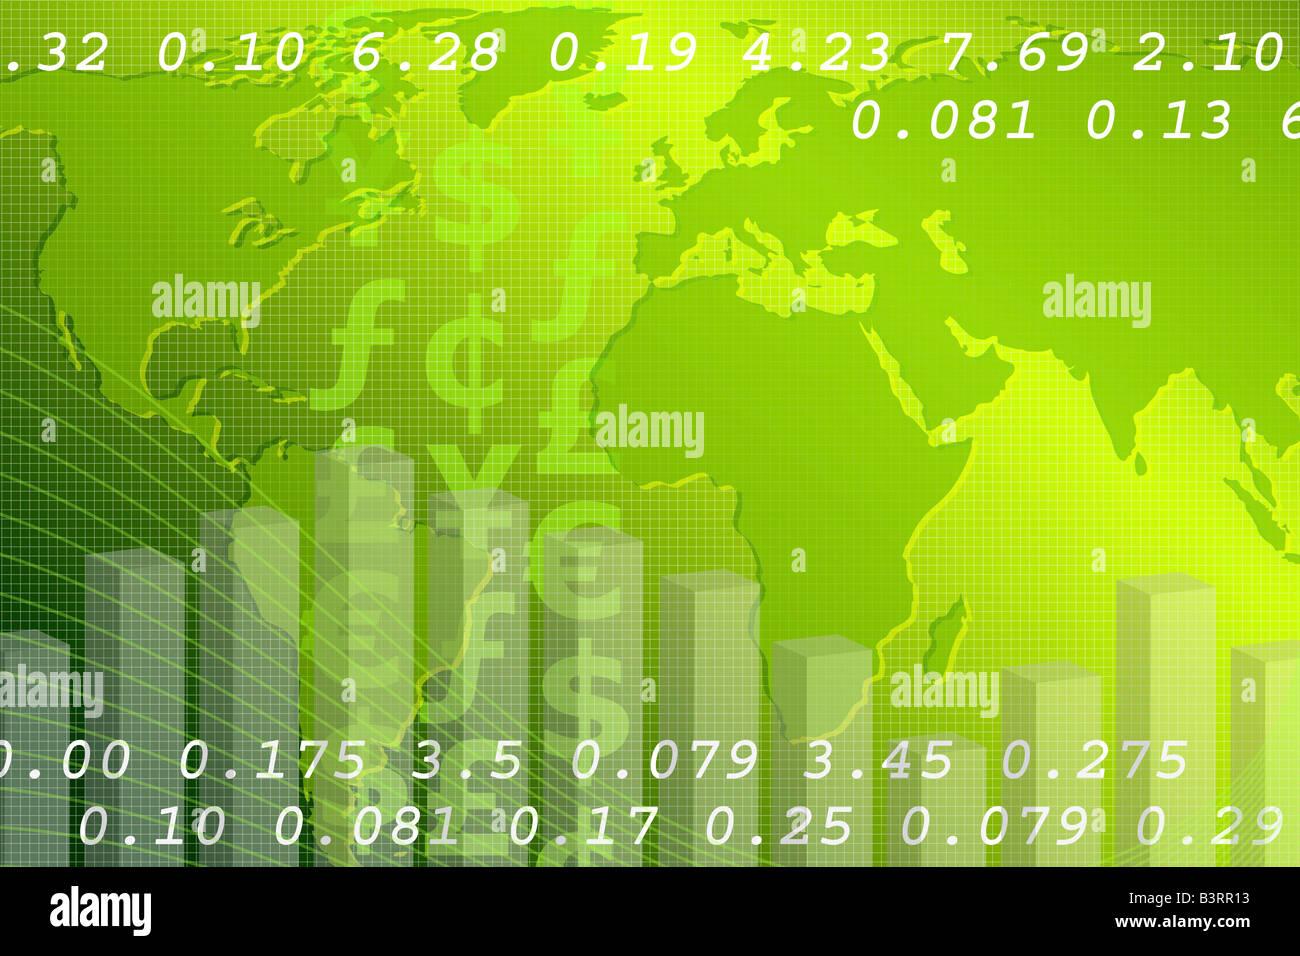 Global economy - Stock Image